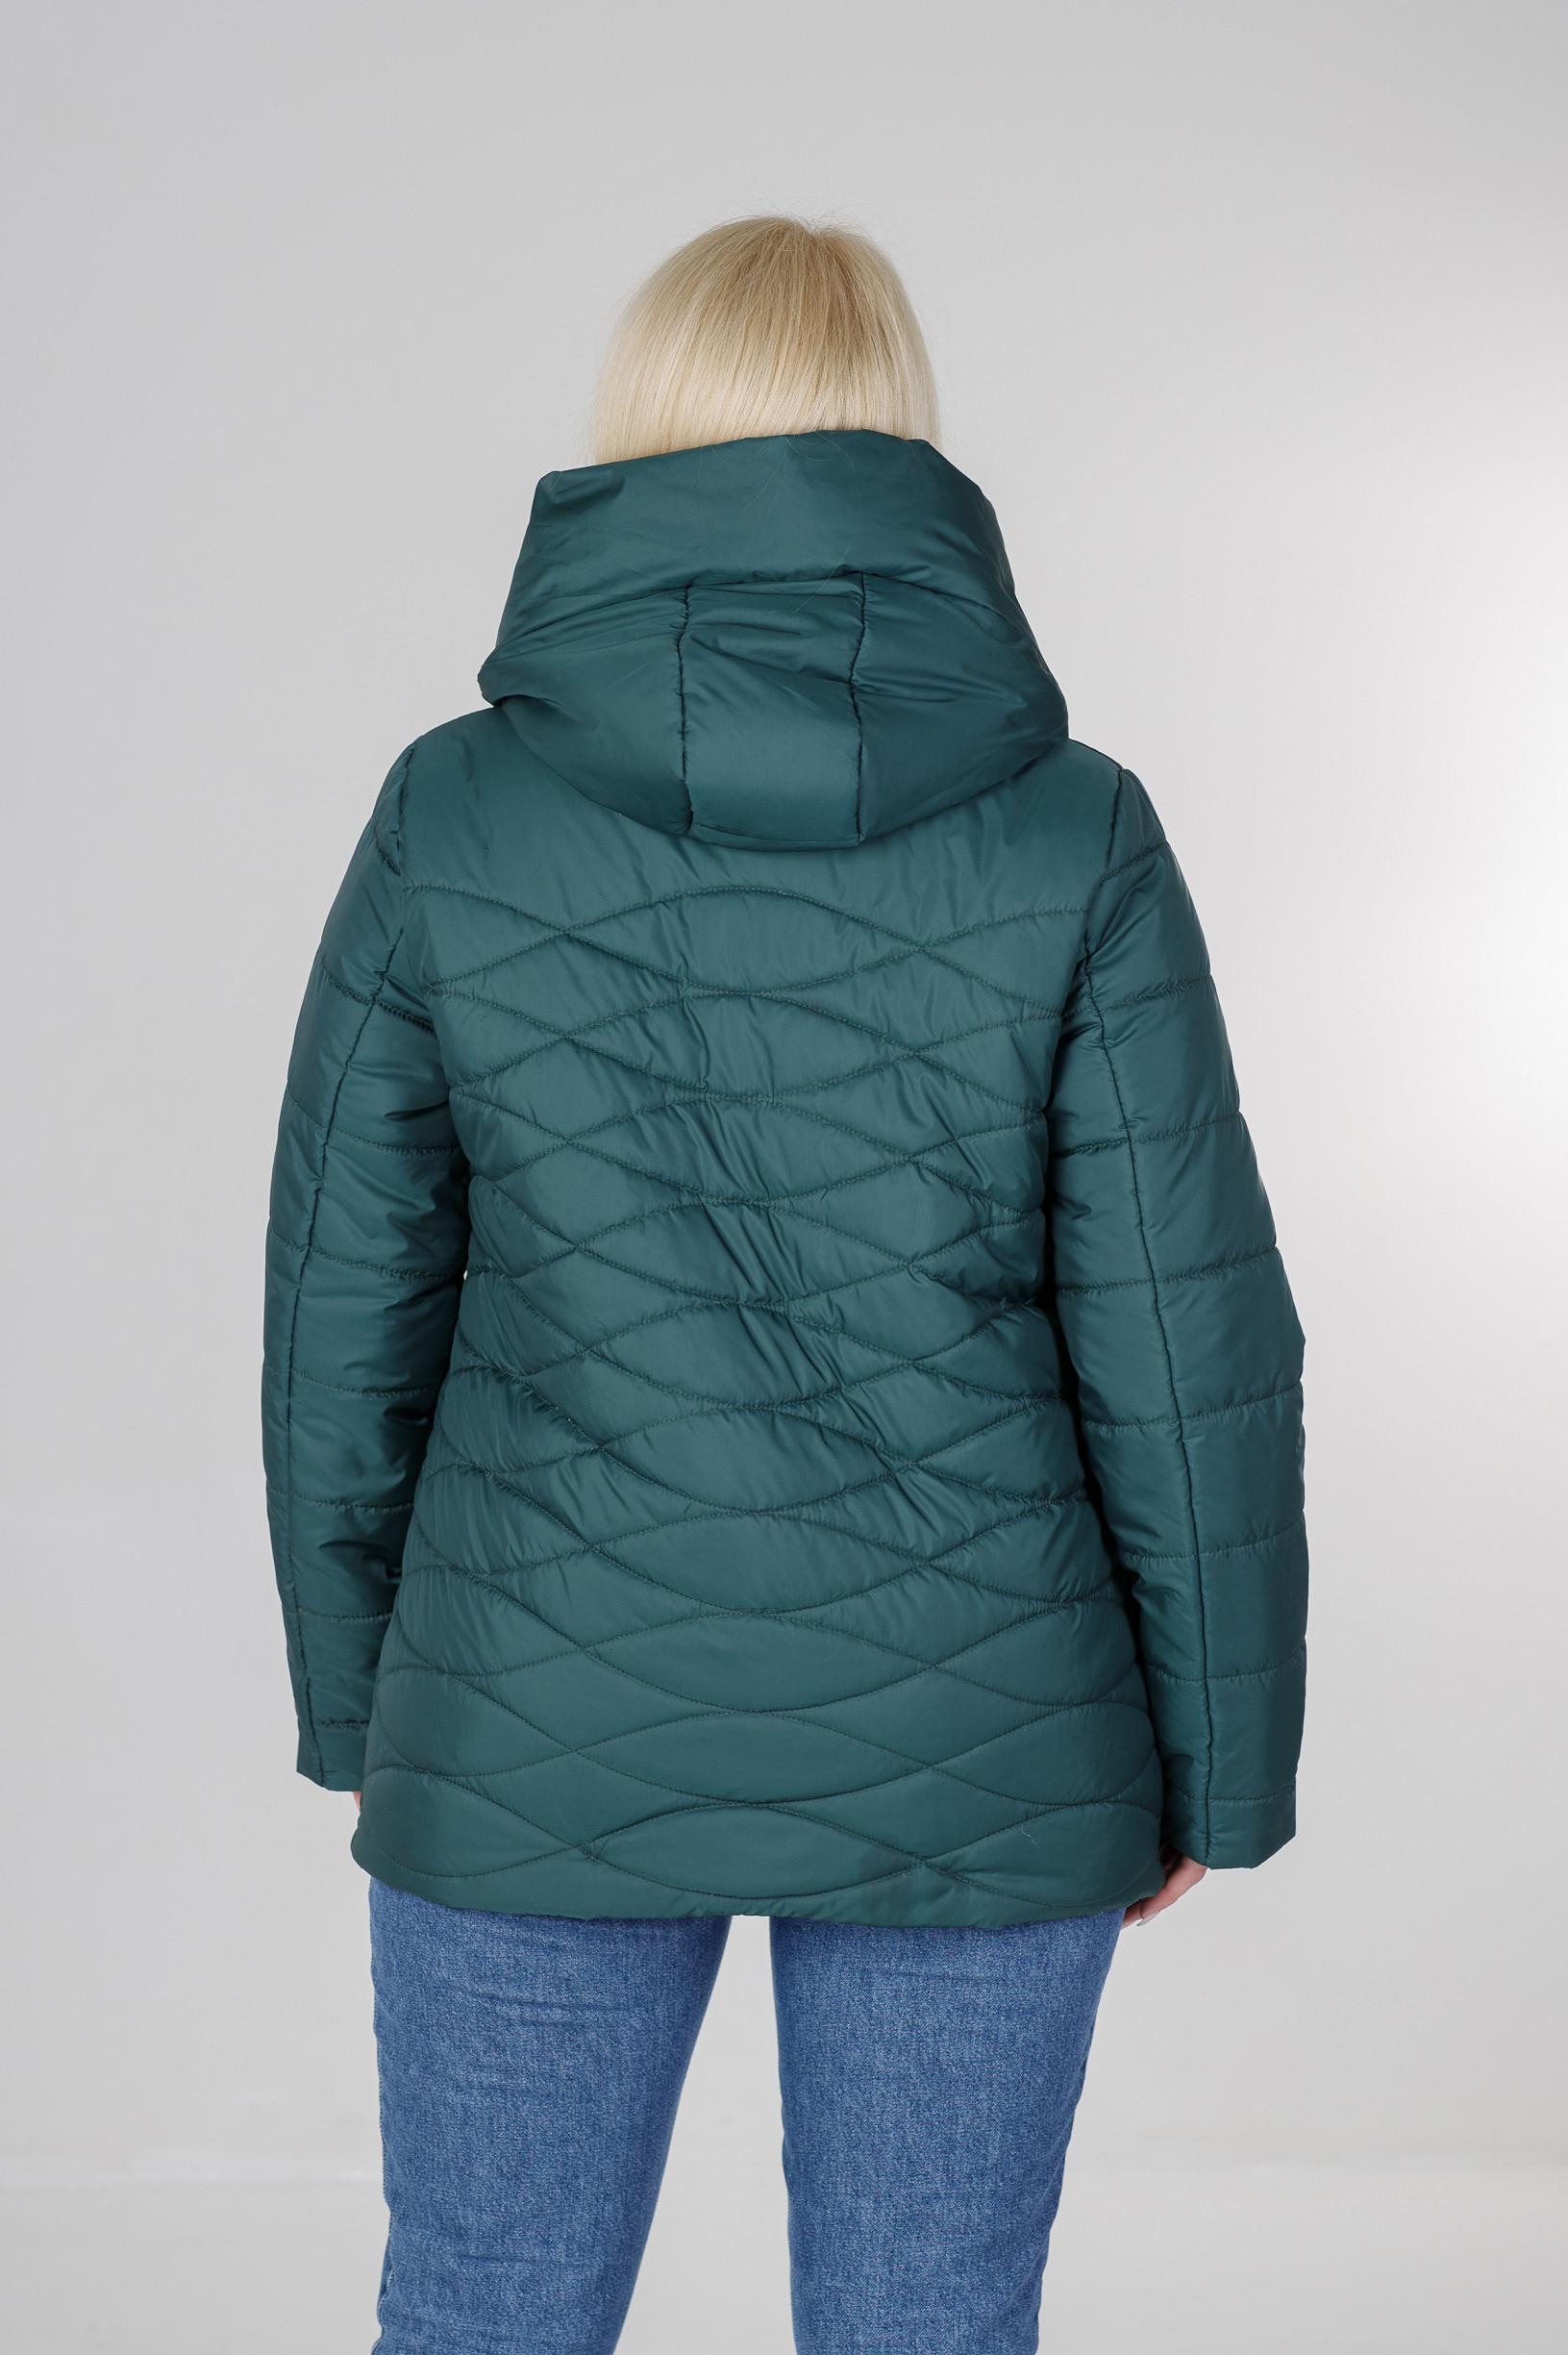 Ассиметричная весенняя женская куртка Надин бирюзовая